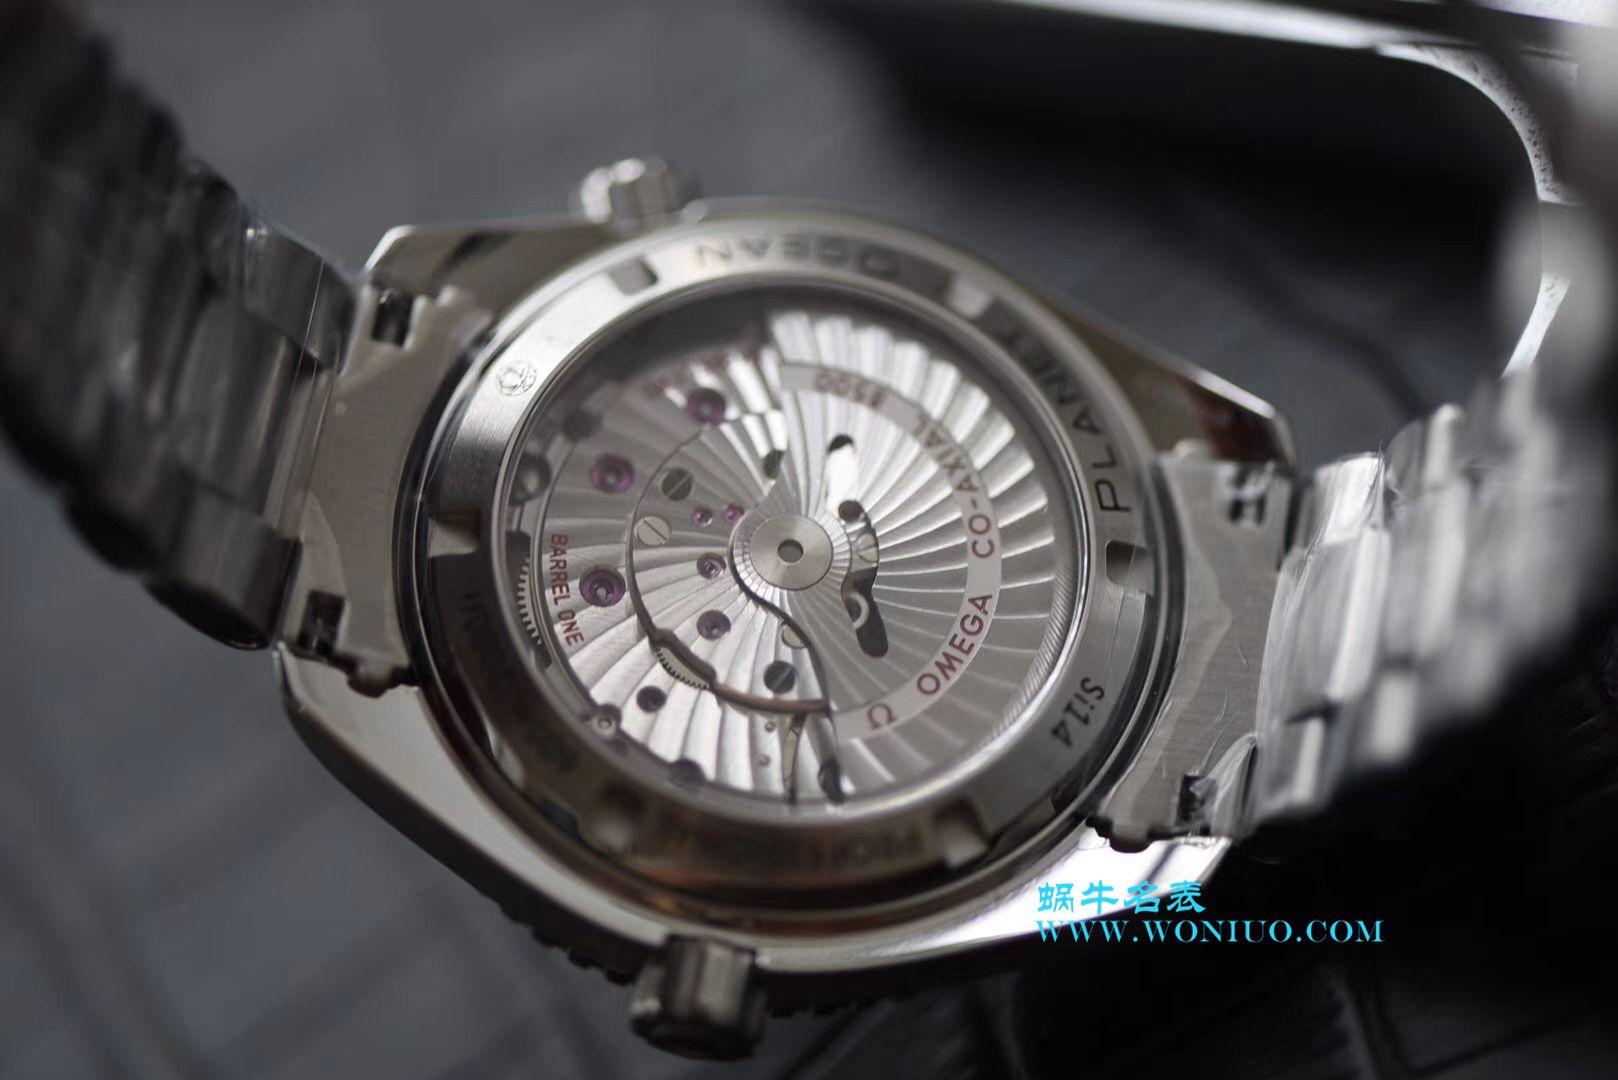 【VS厂顶级复刻手表】欧米茄海马系列 海洋宇宙600米232.30.42.21.01.001腕表 / M335